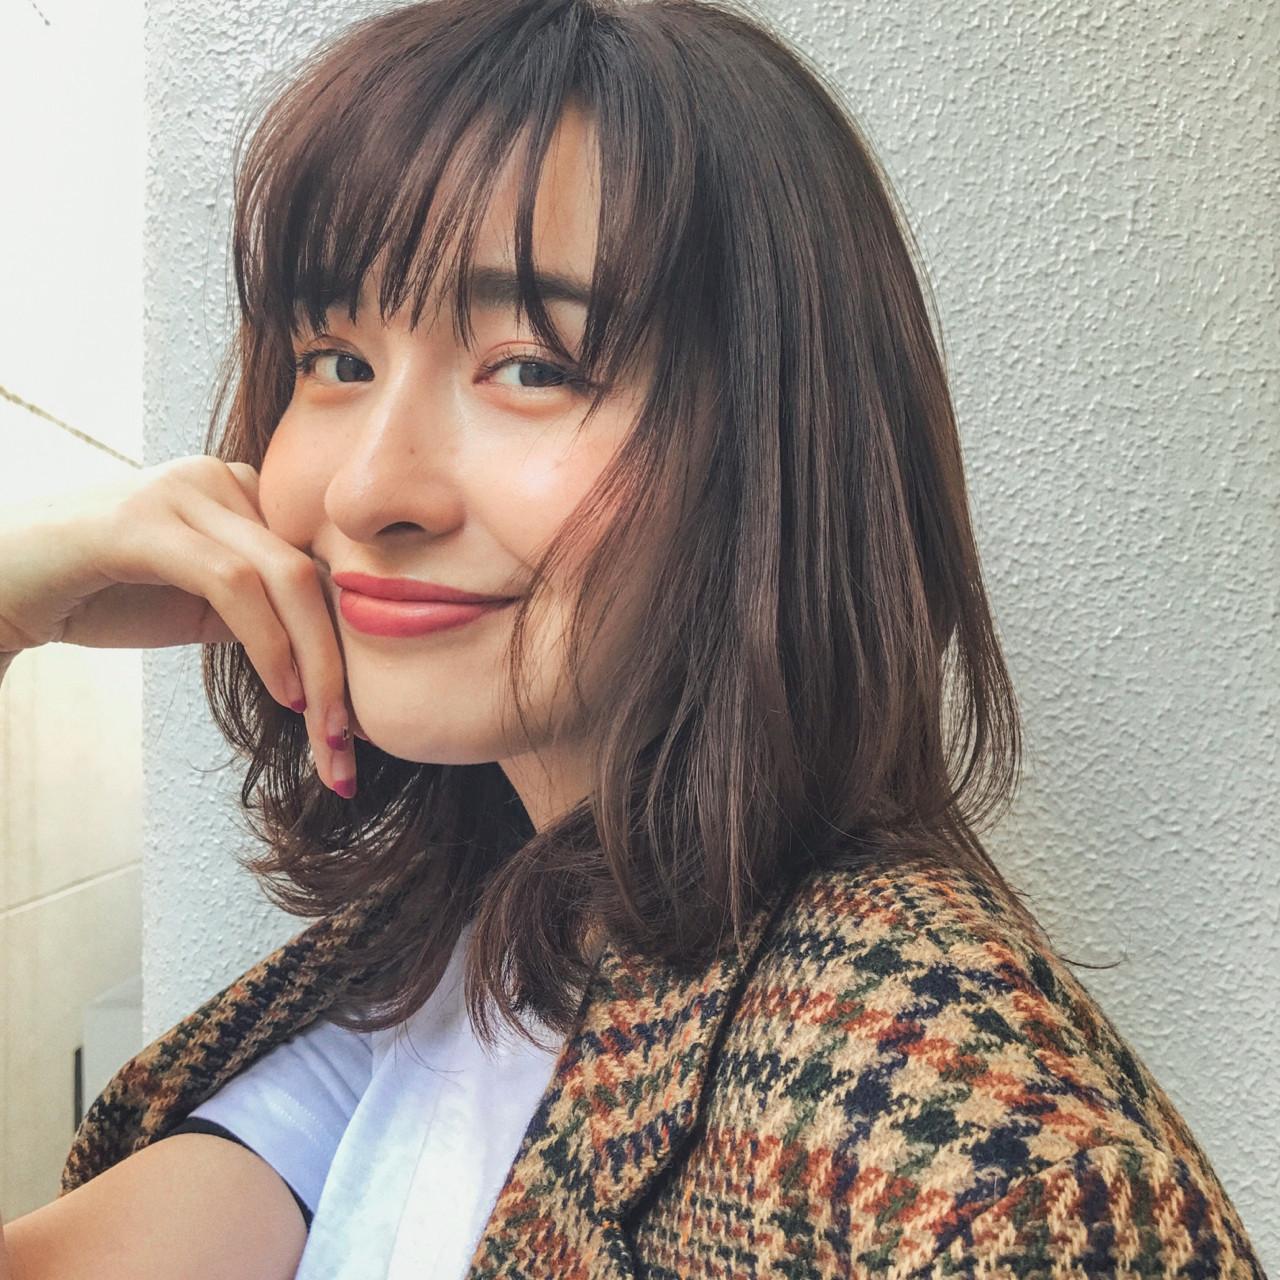 レイヤー入りミディアムと面長のポイント GARDEN harajyuku 細田 | GARDEN harajyuku